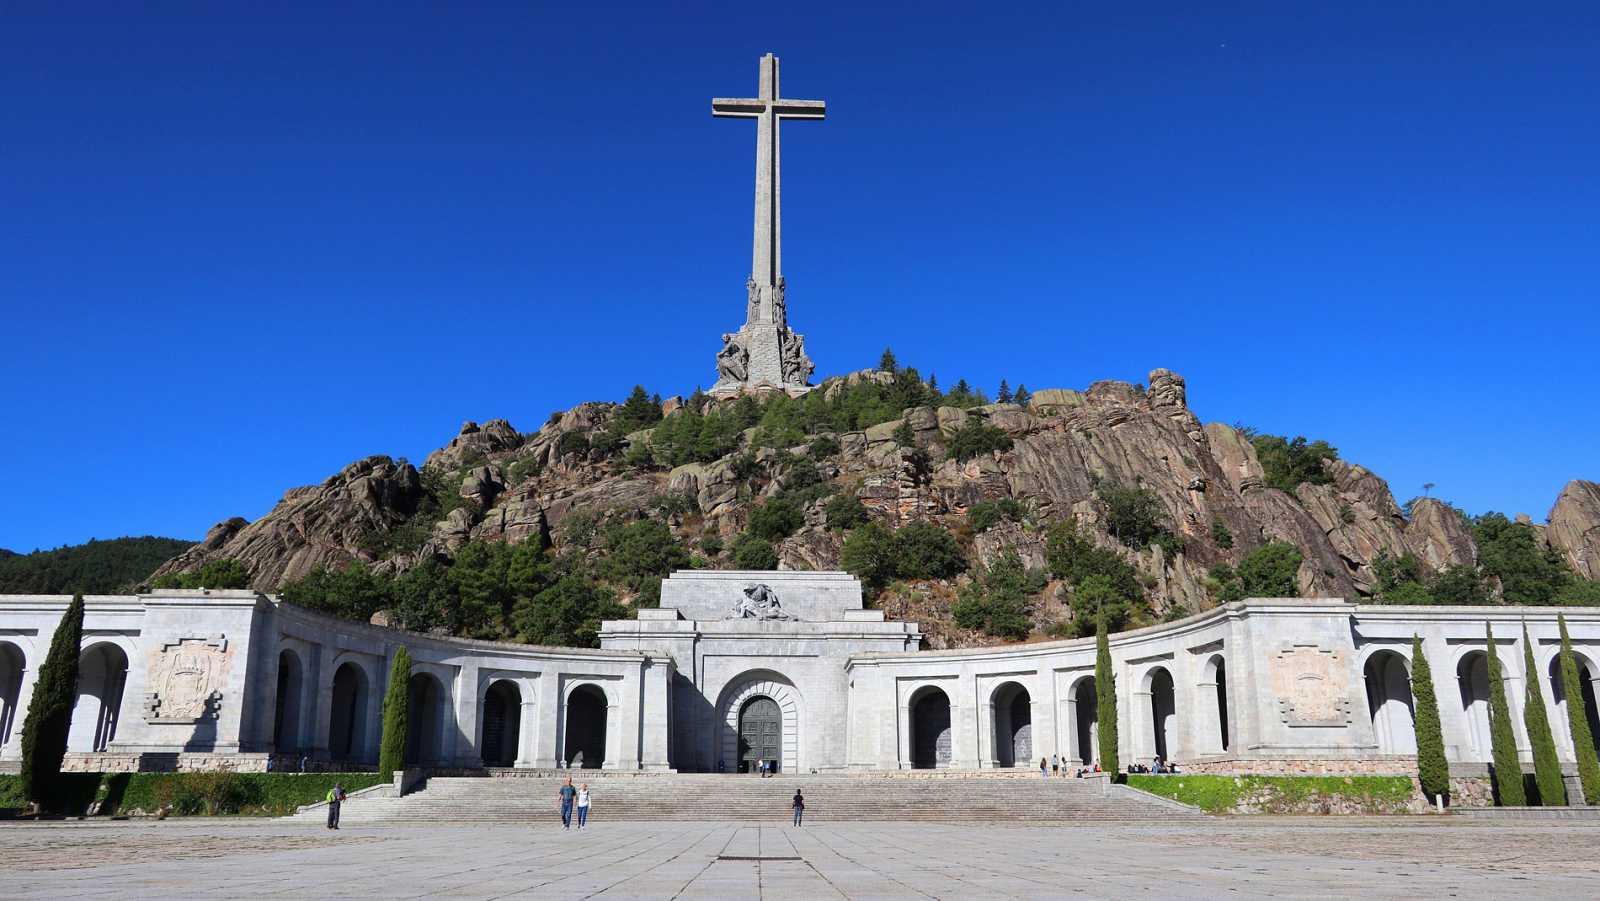 El Supremo despeja la exhumación de Franco